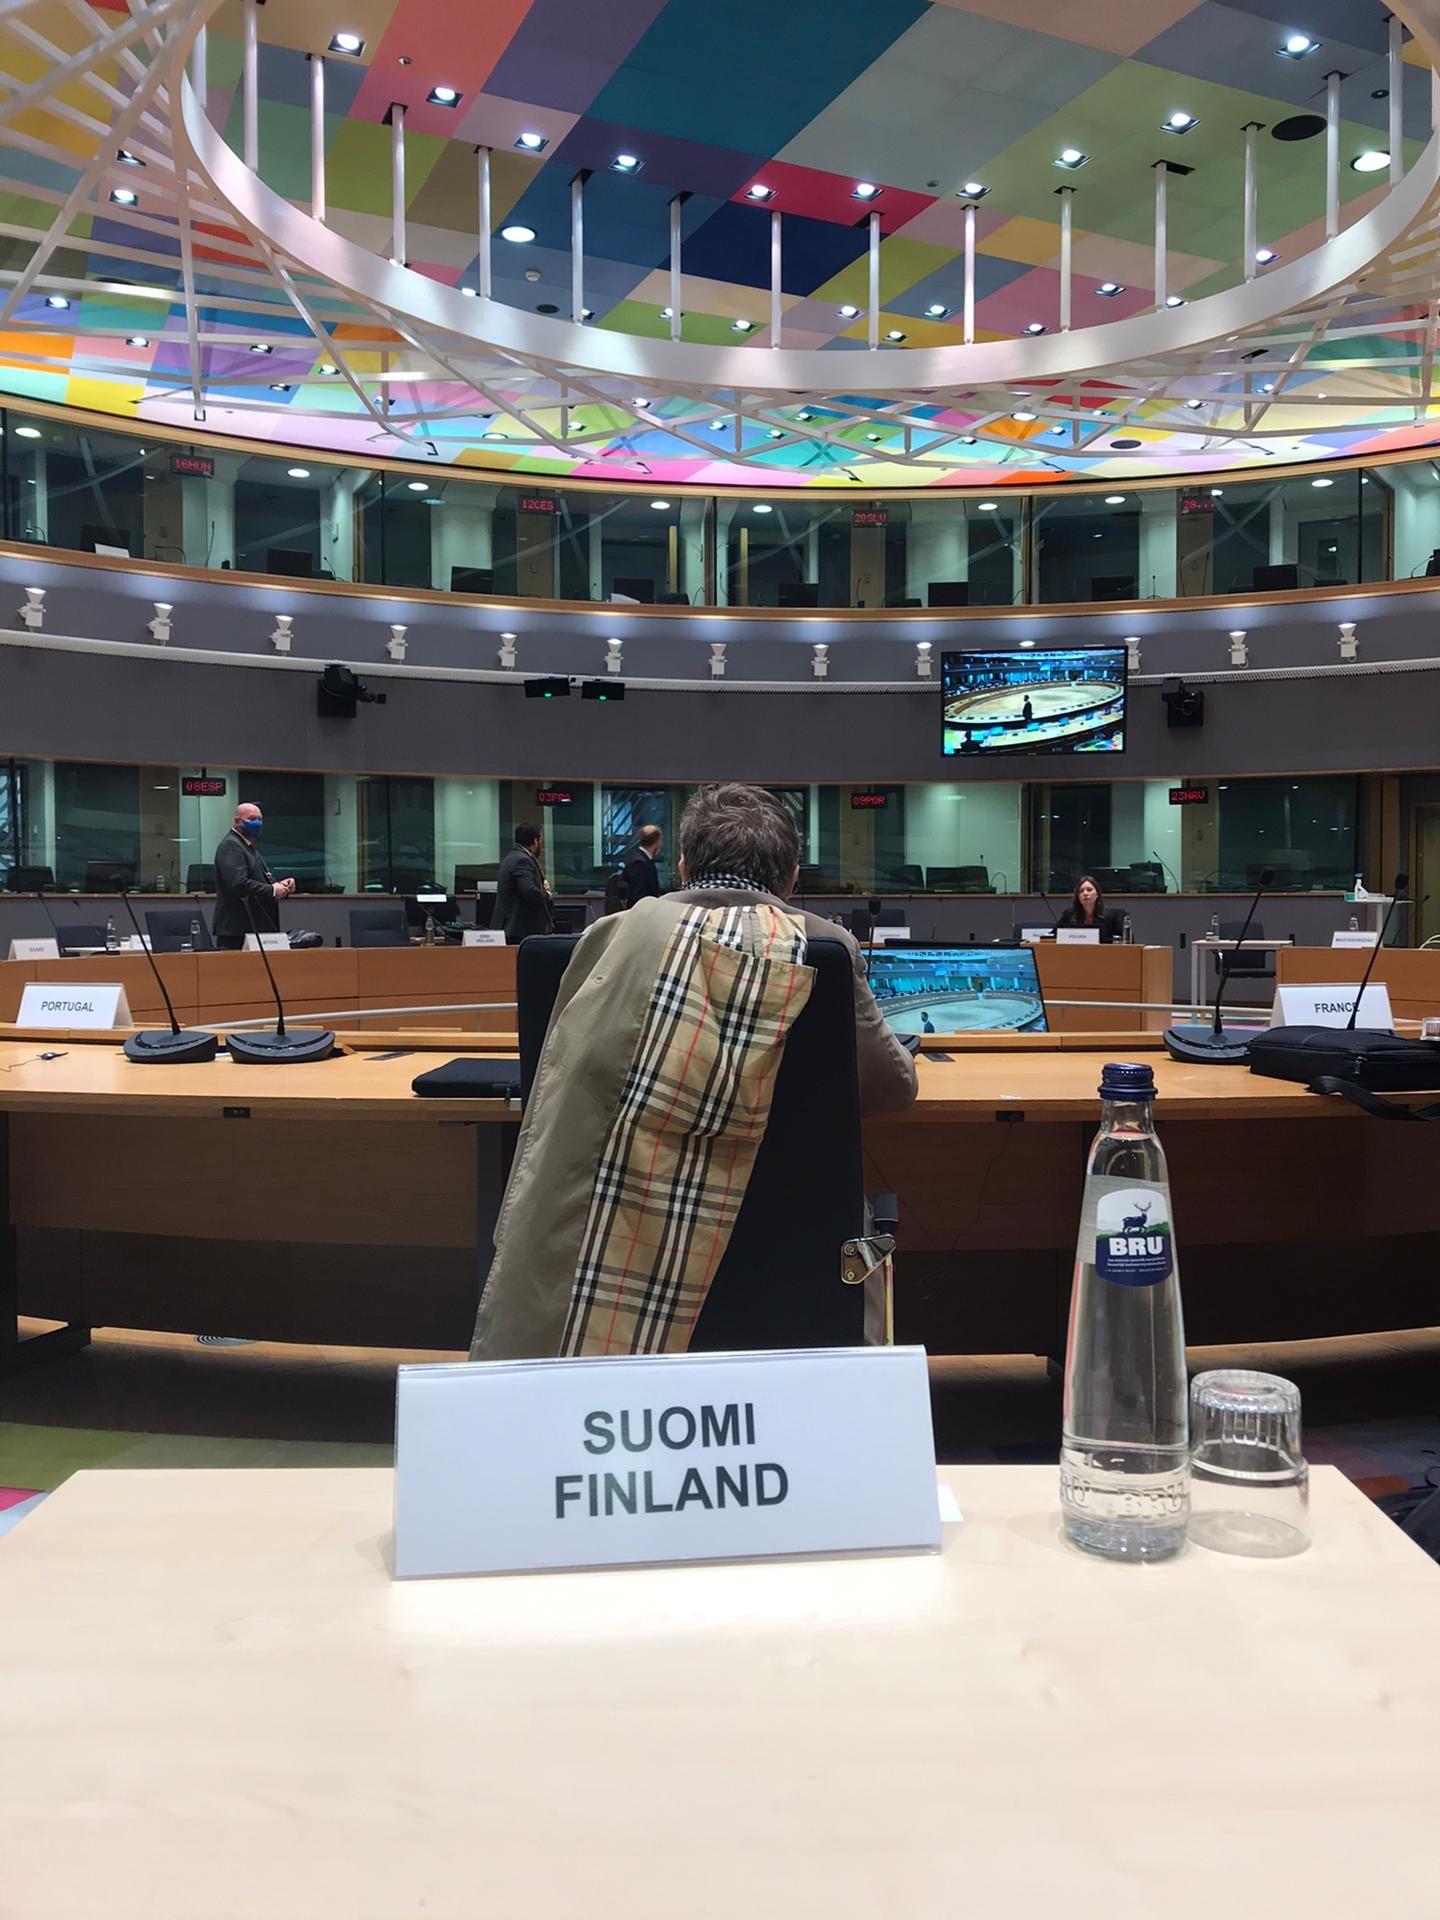 Suomen edustuston istumapaikka neuvottelusalissa.